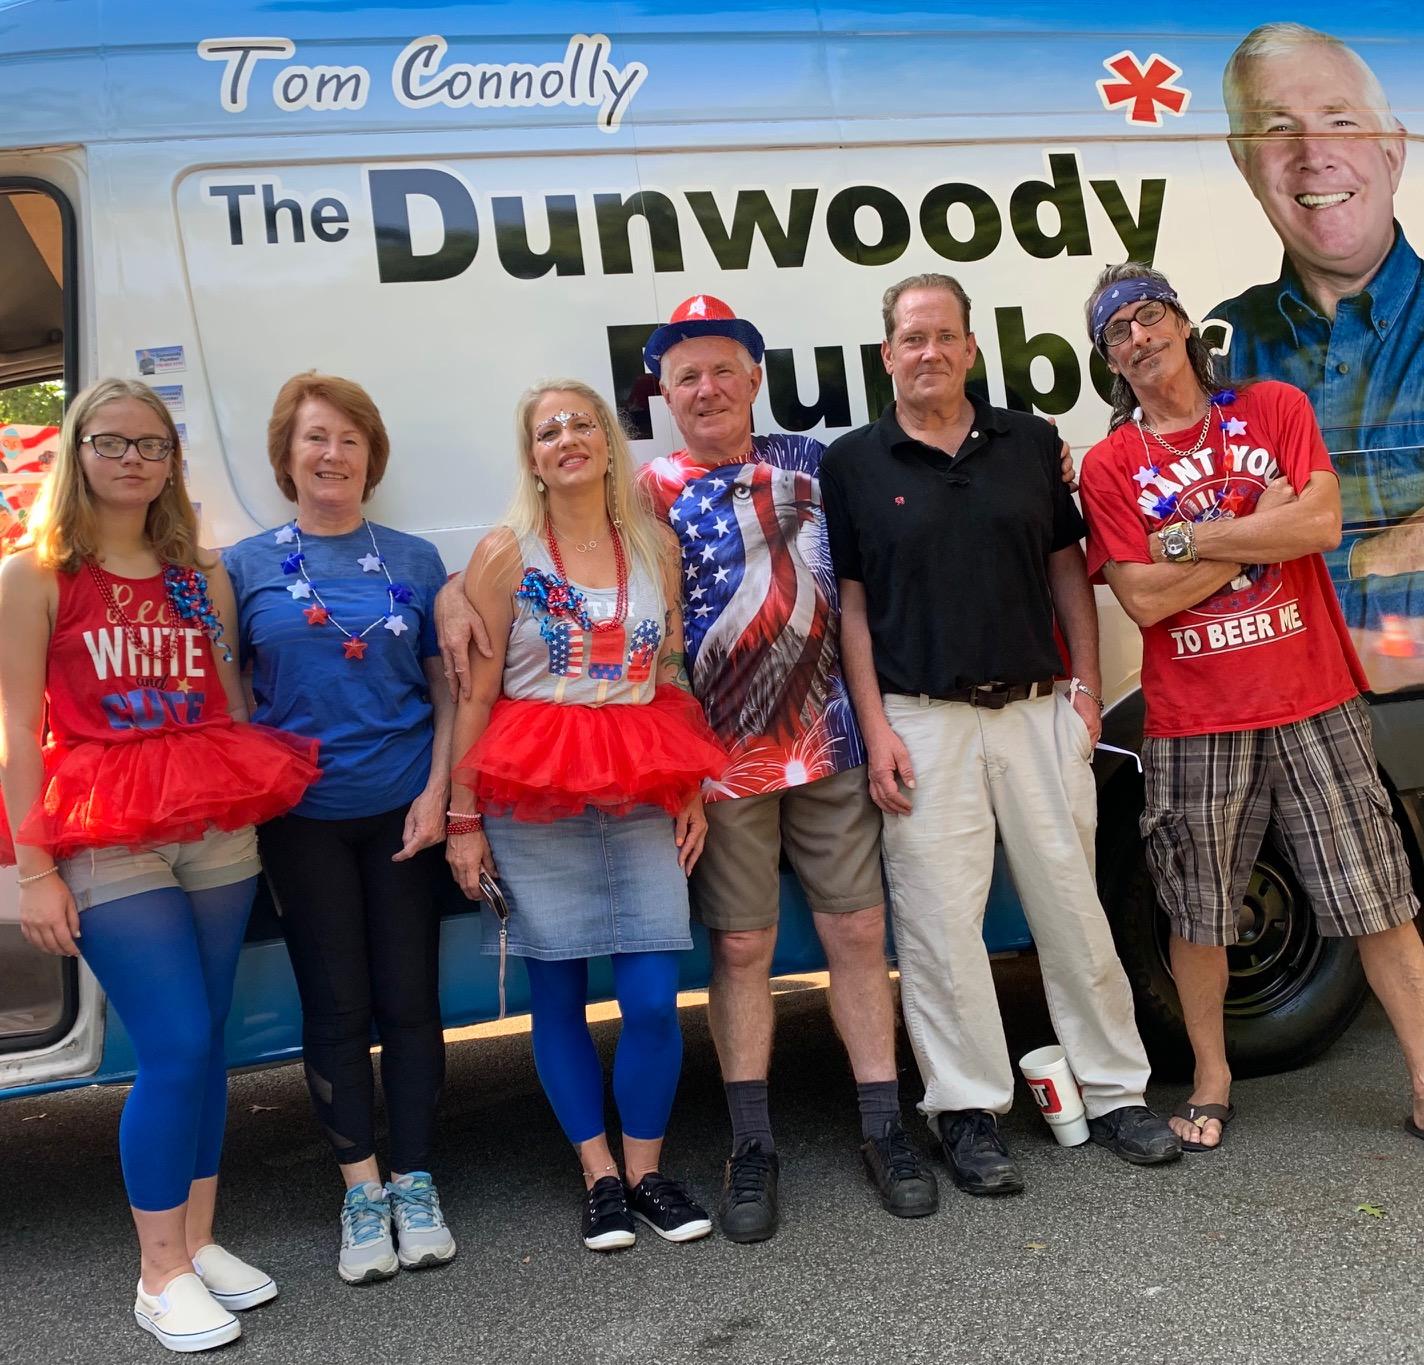 DunwoodyParade_35